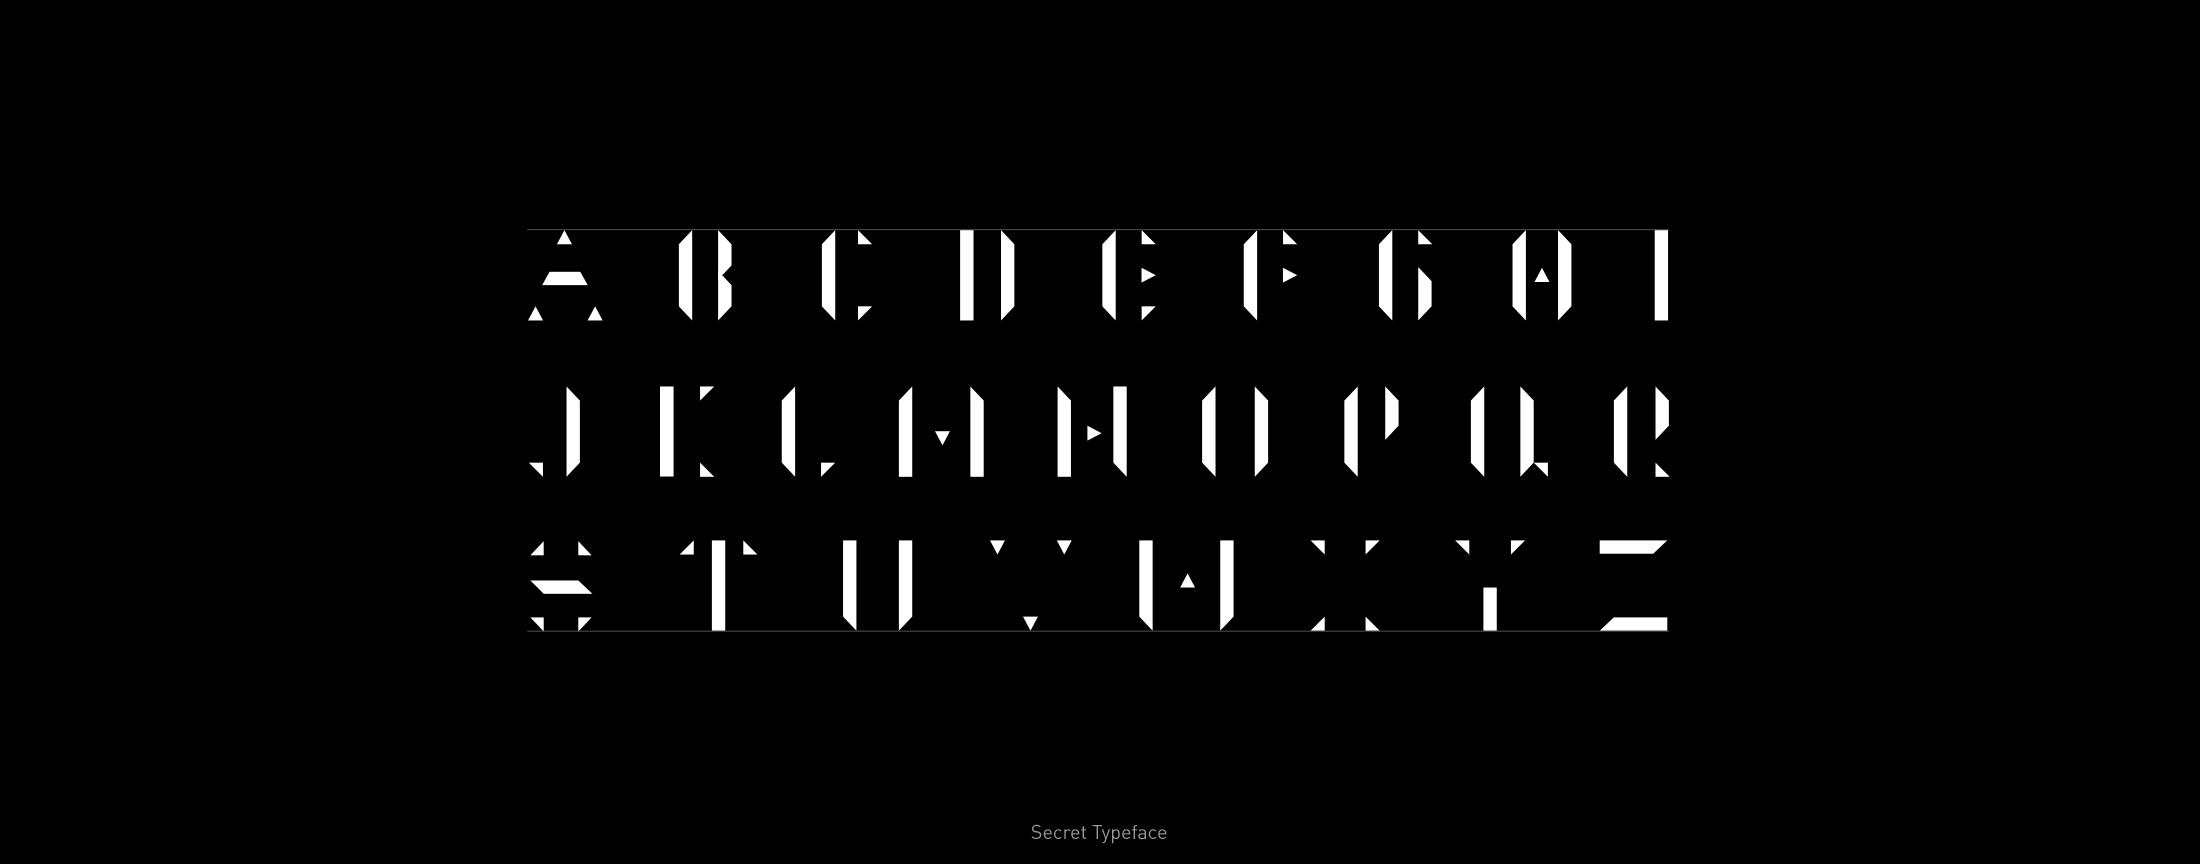 Typeface secret abc styled